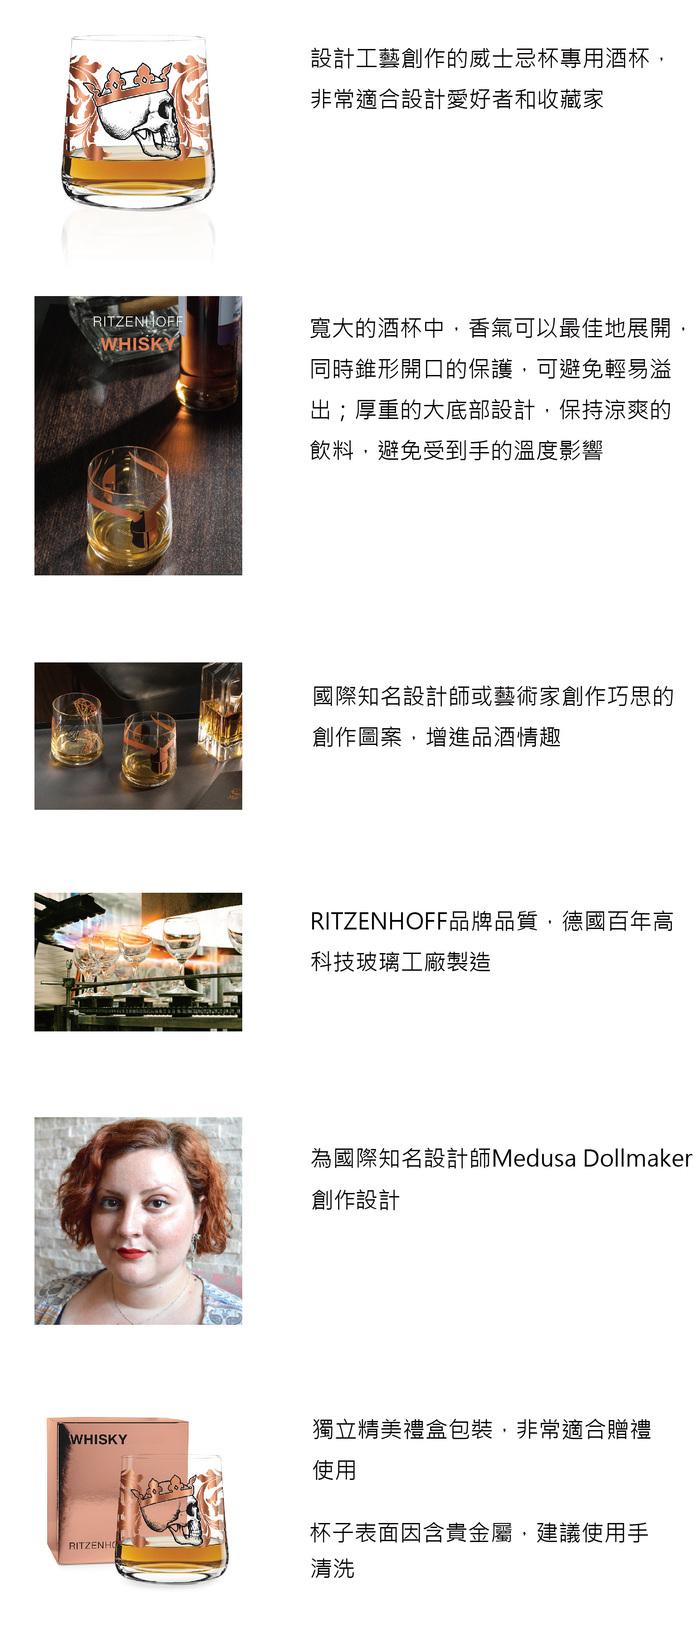 德國 RITZENHOFF |威士忌酒杯 / WHISKY |骷髏公爵